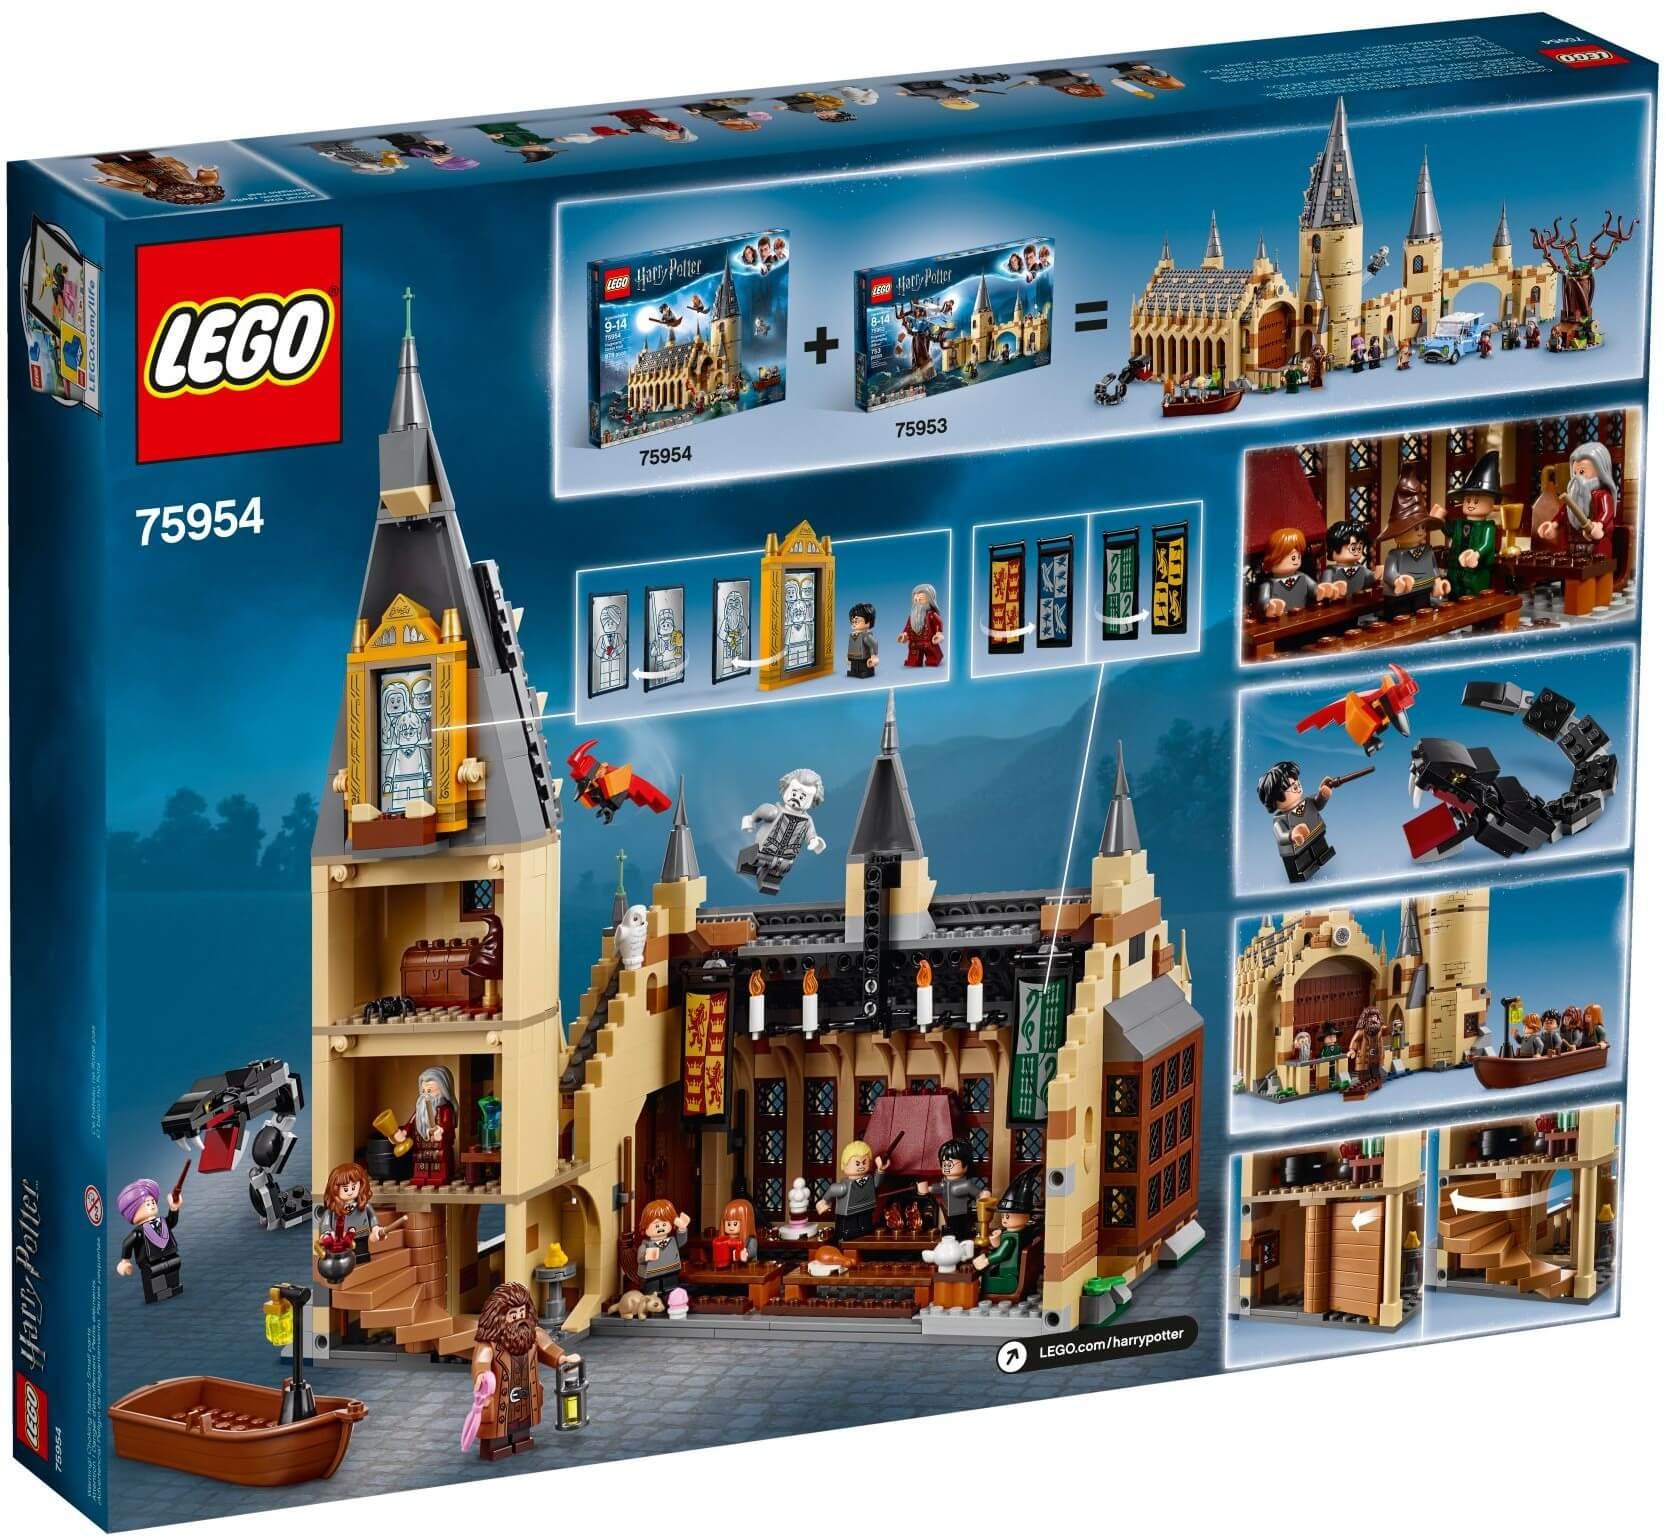 Mua đồ chơi LEGO 75954 - LEGO Harry Potter 75954 - Năm nhất của Harry tại Học Viện Hogwarts (LEGO Harry Potter 75954 Hogwarts Great Hall)